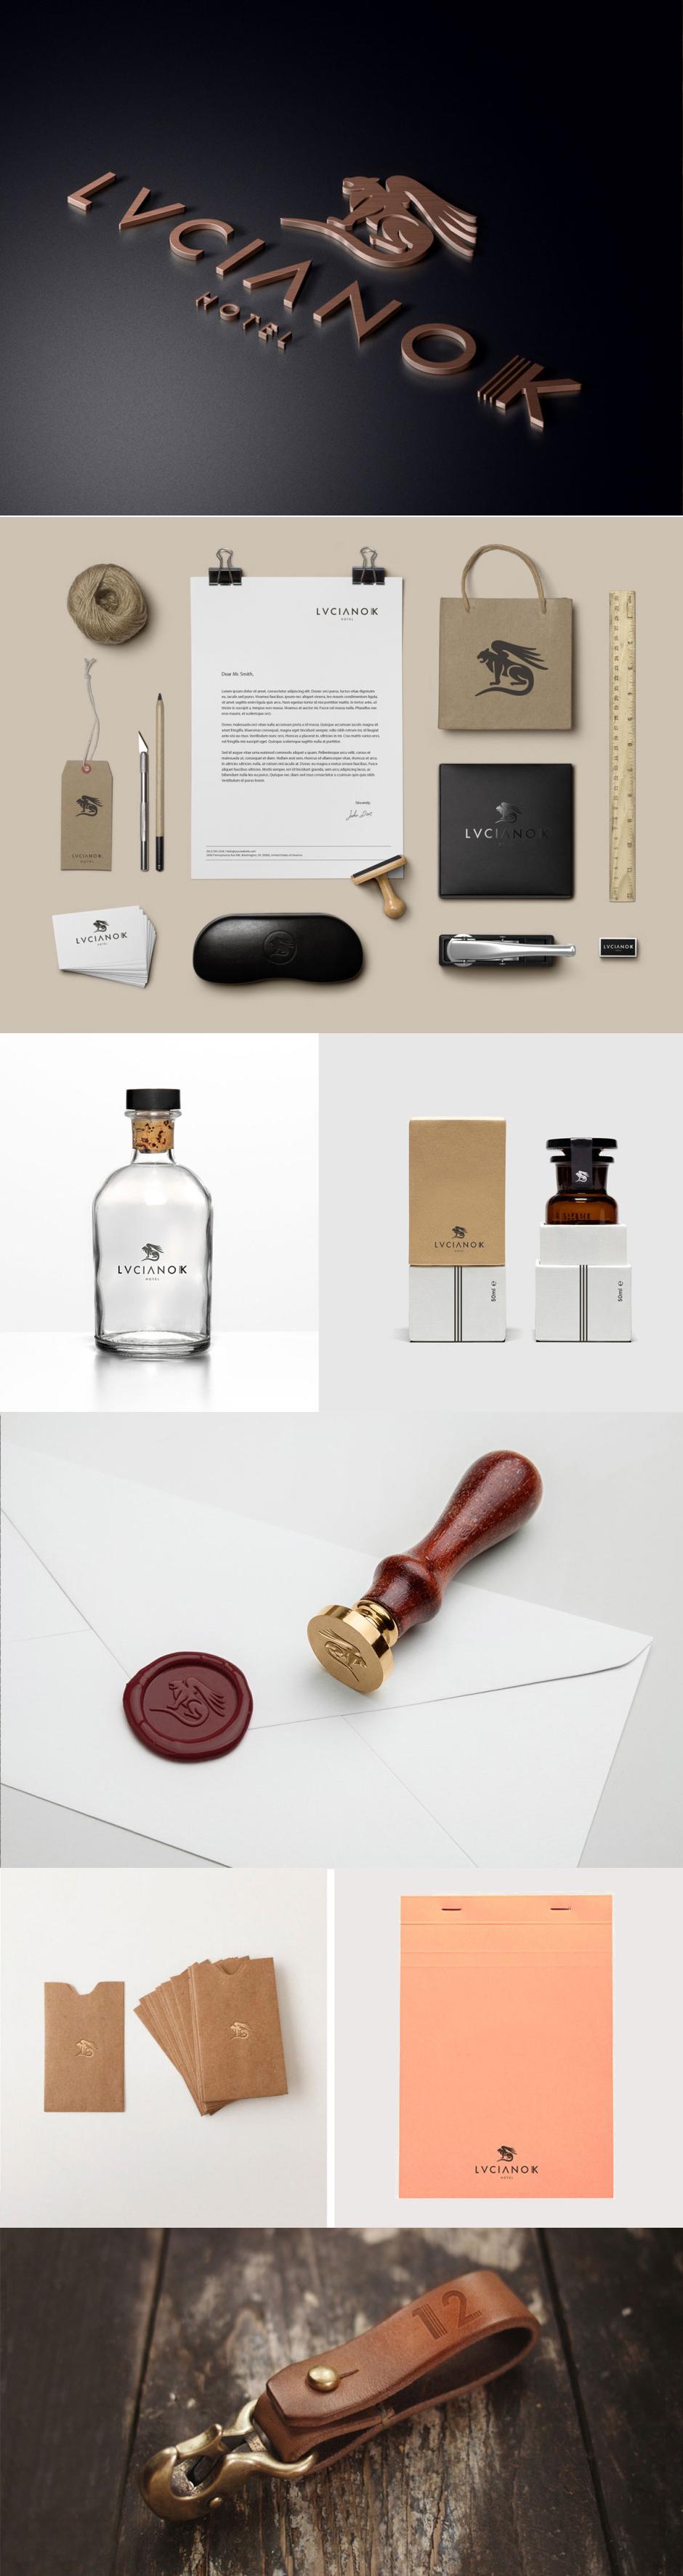 Design by otrosperez.com  Brand for a boutique hotel in Santiago, Chile